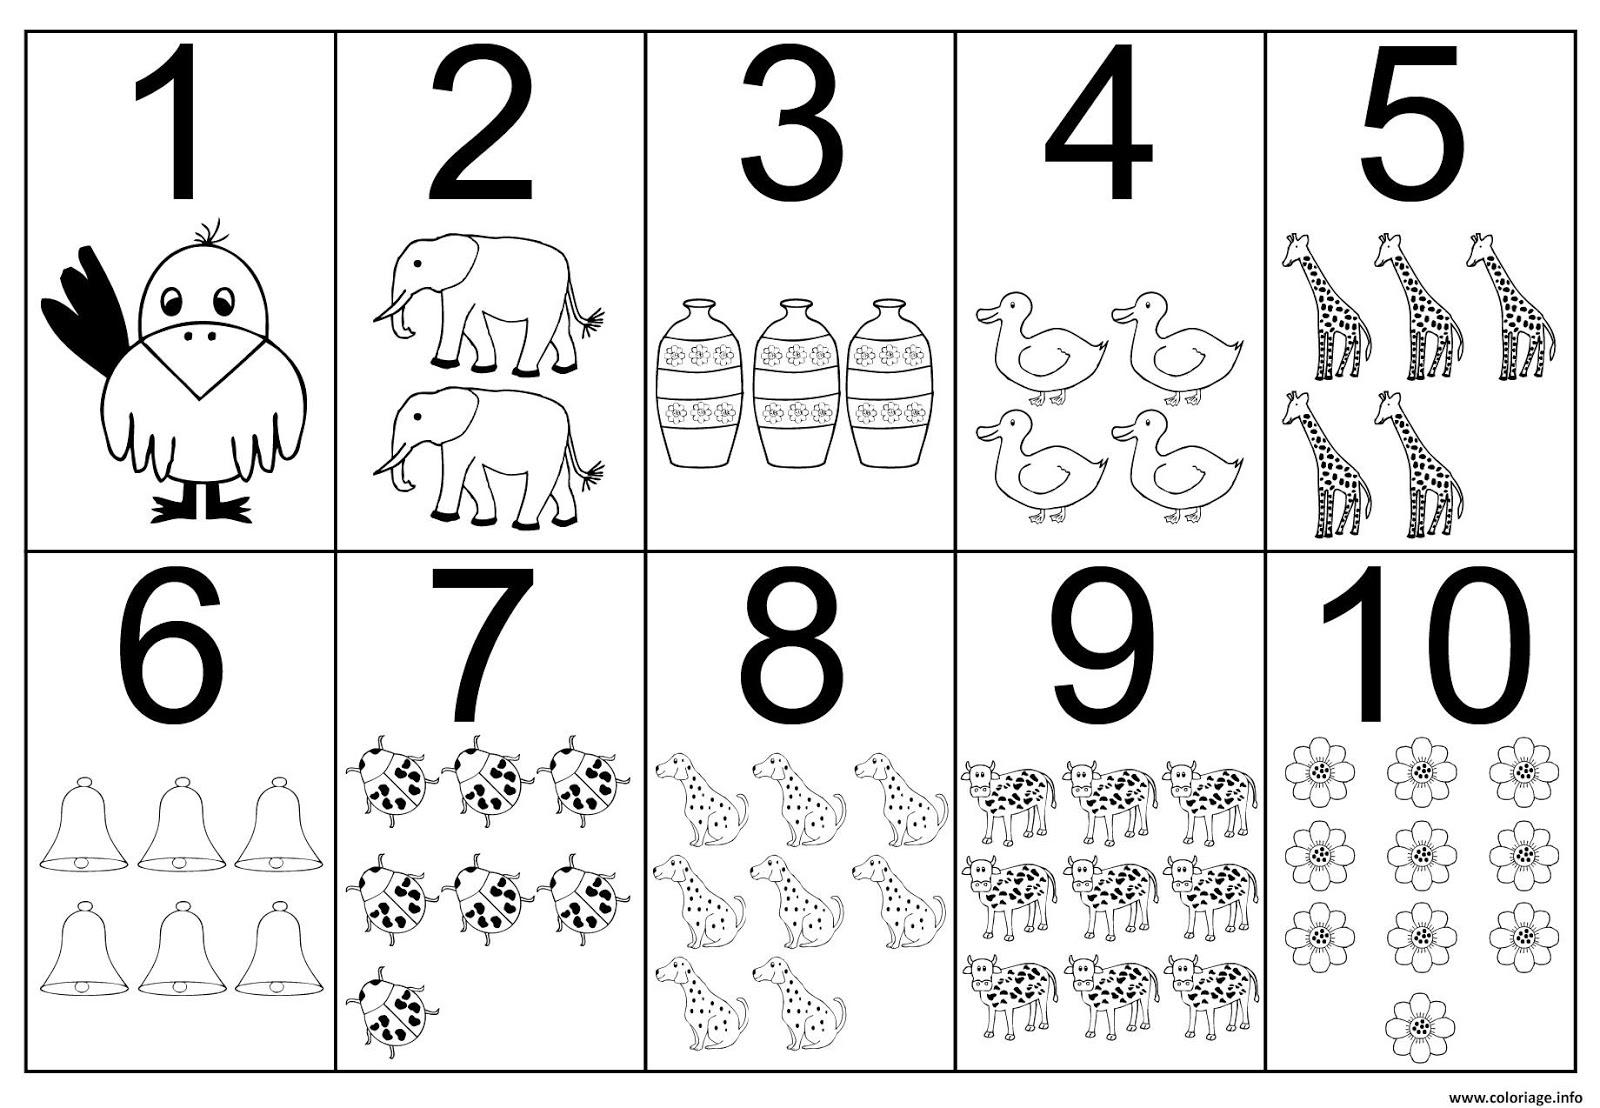 Fiches De Maternelle Compter Avec Des Exercices Simples A Imprimer